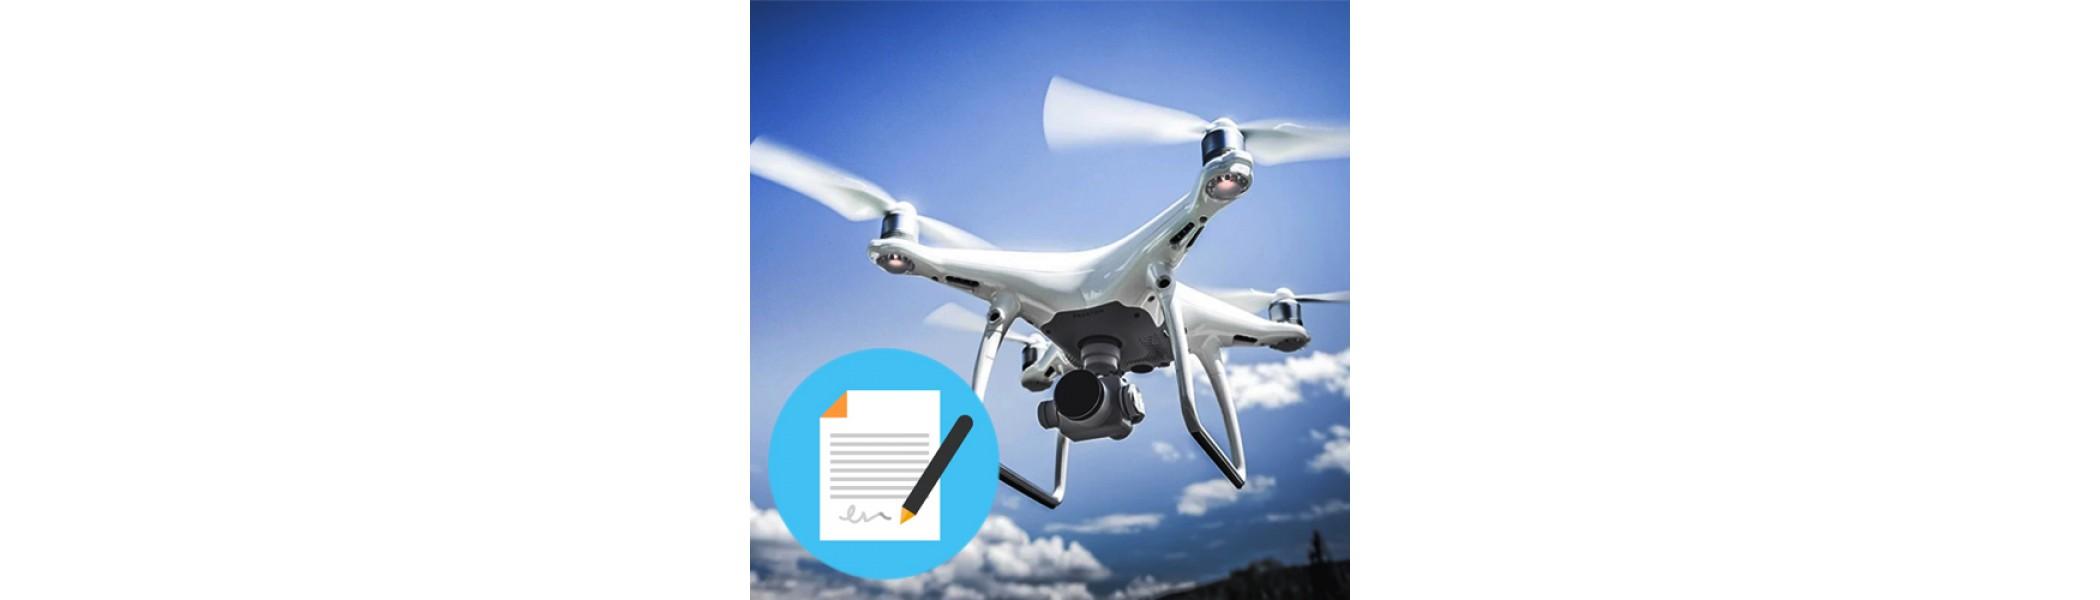 Aeiral Photography Permission Request - خطوات التقديم على التصريح الجوي في دولة الكويت